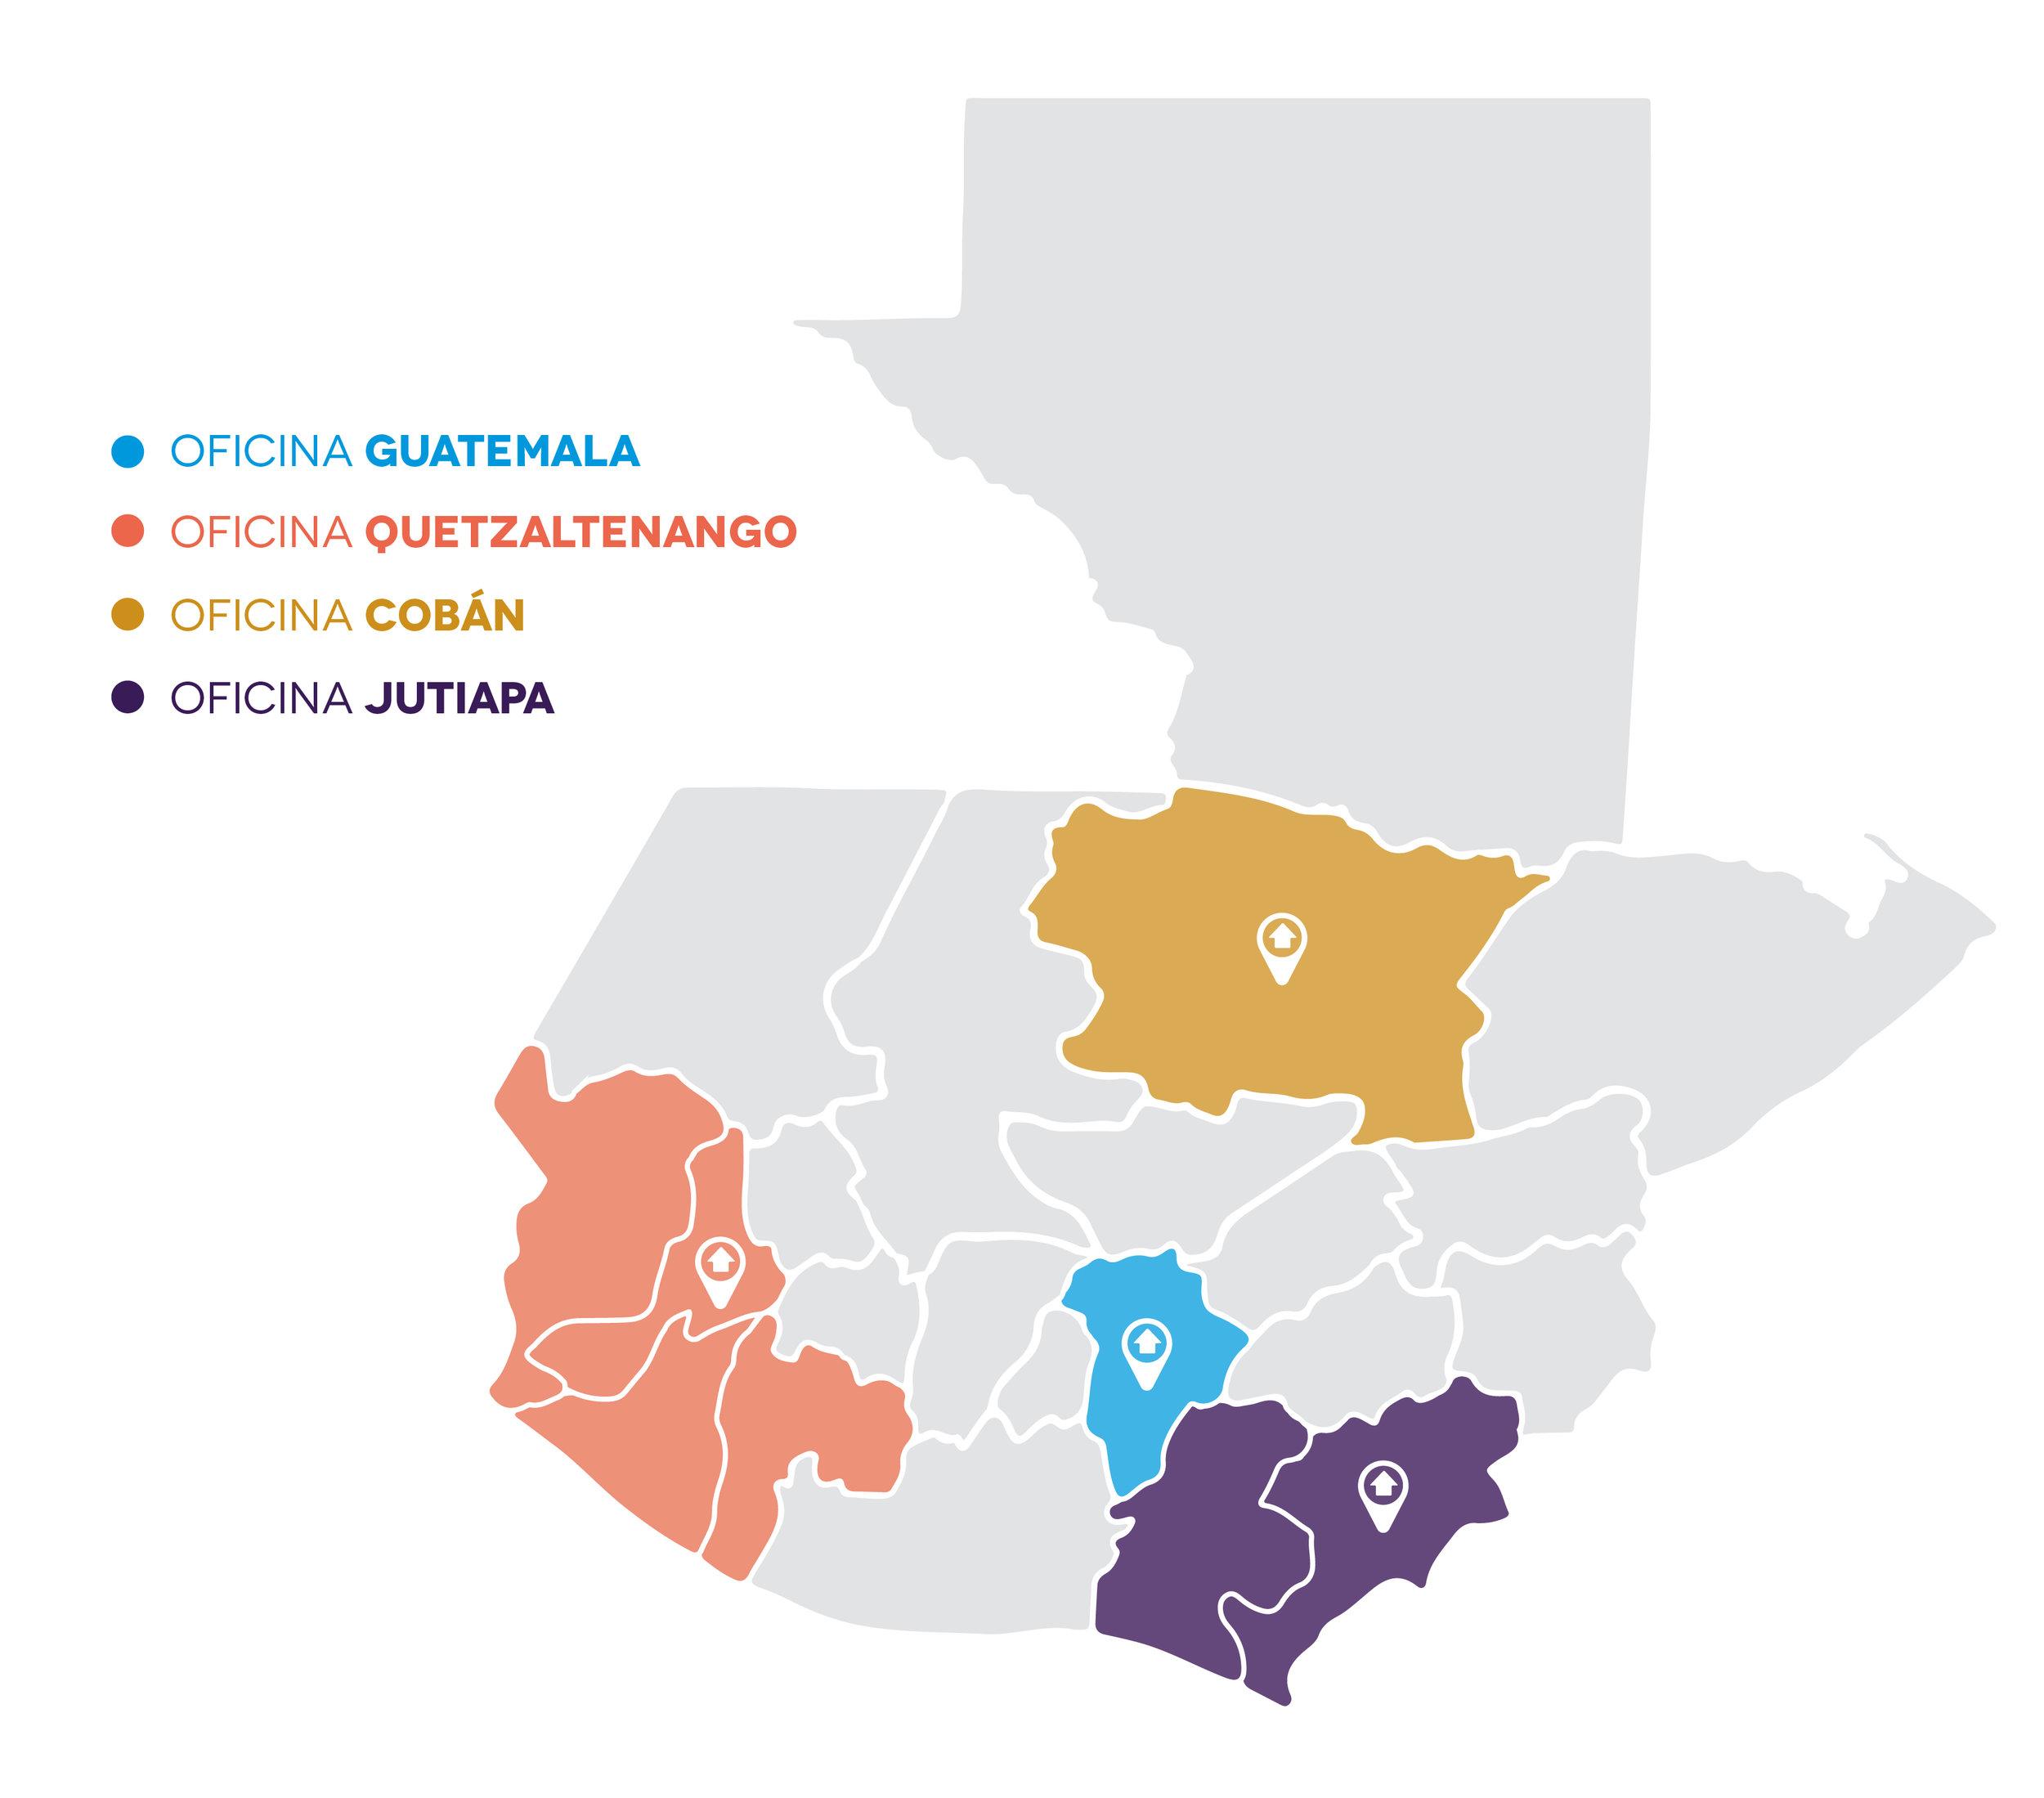 6 de cada 10 guatemaltecos viven en situación de pobreza  (59.3% - ENCOVI 2014) . Para poder soñar con una Guatemala sin pobreza, buscamos tener trabajo en 6 regiones del país, con 4 oficinas regionales, trabajando en conjunto a comunidades aledañas y voluntariado local.